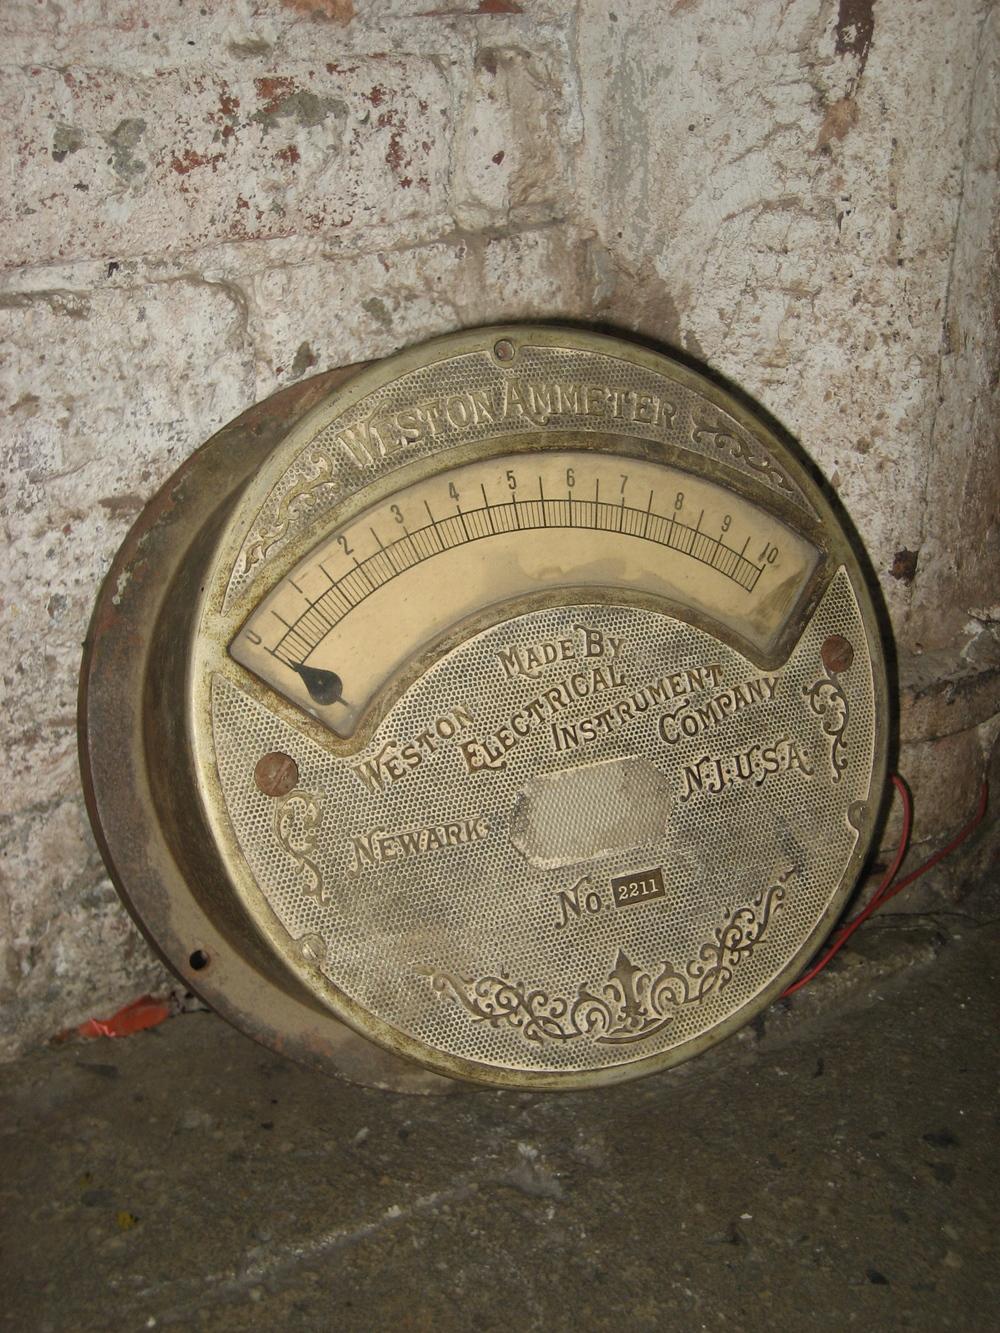 Weston Volt Meter $30